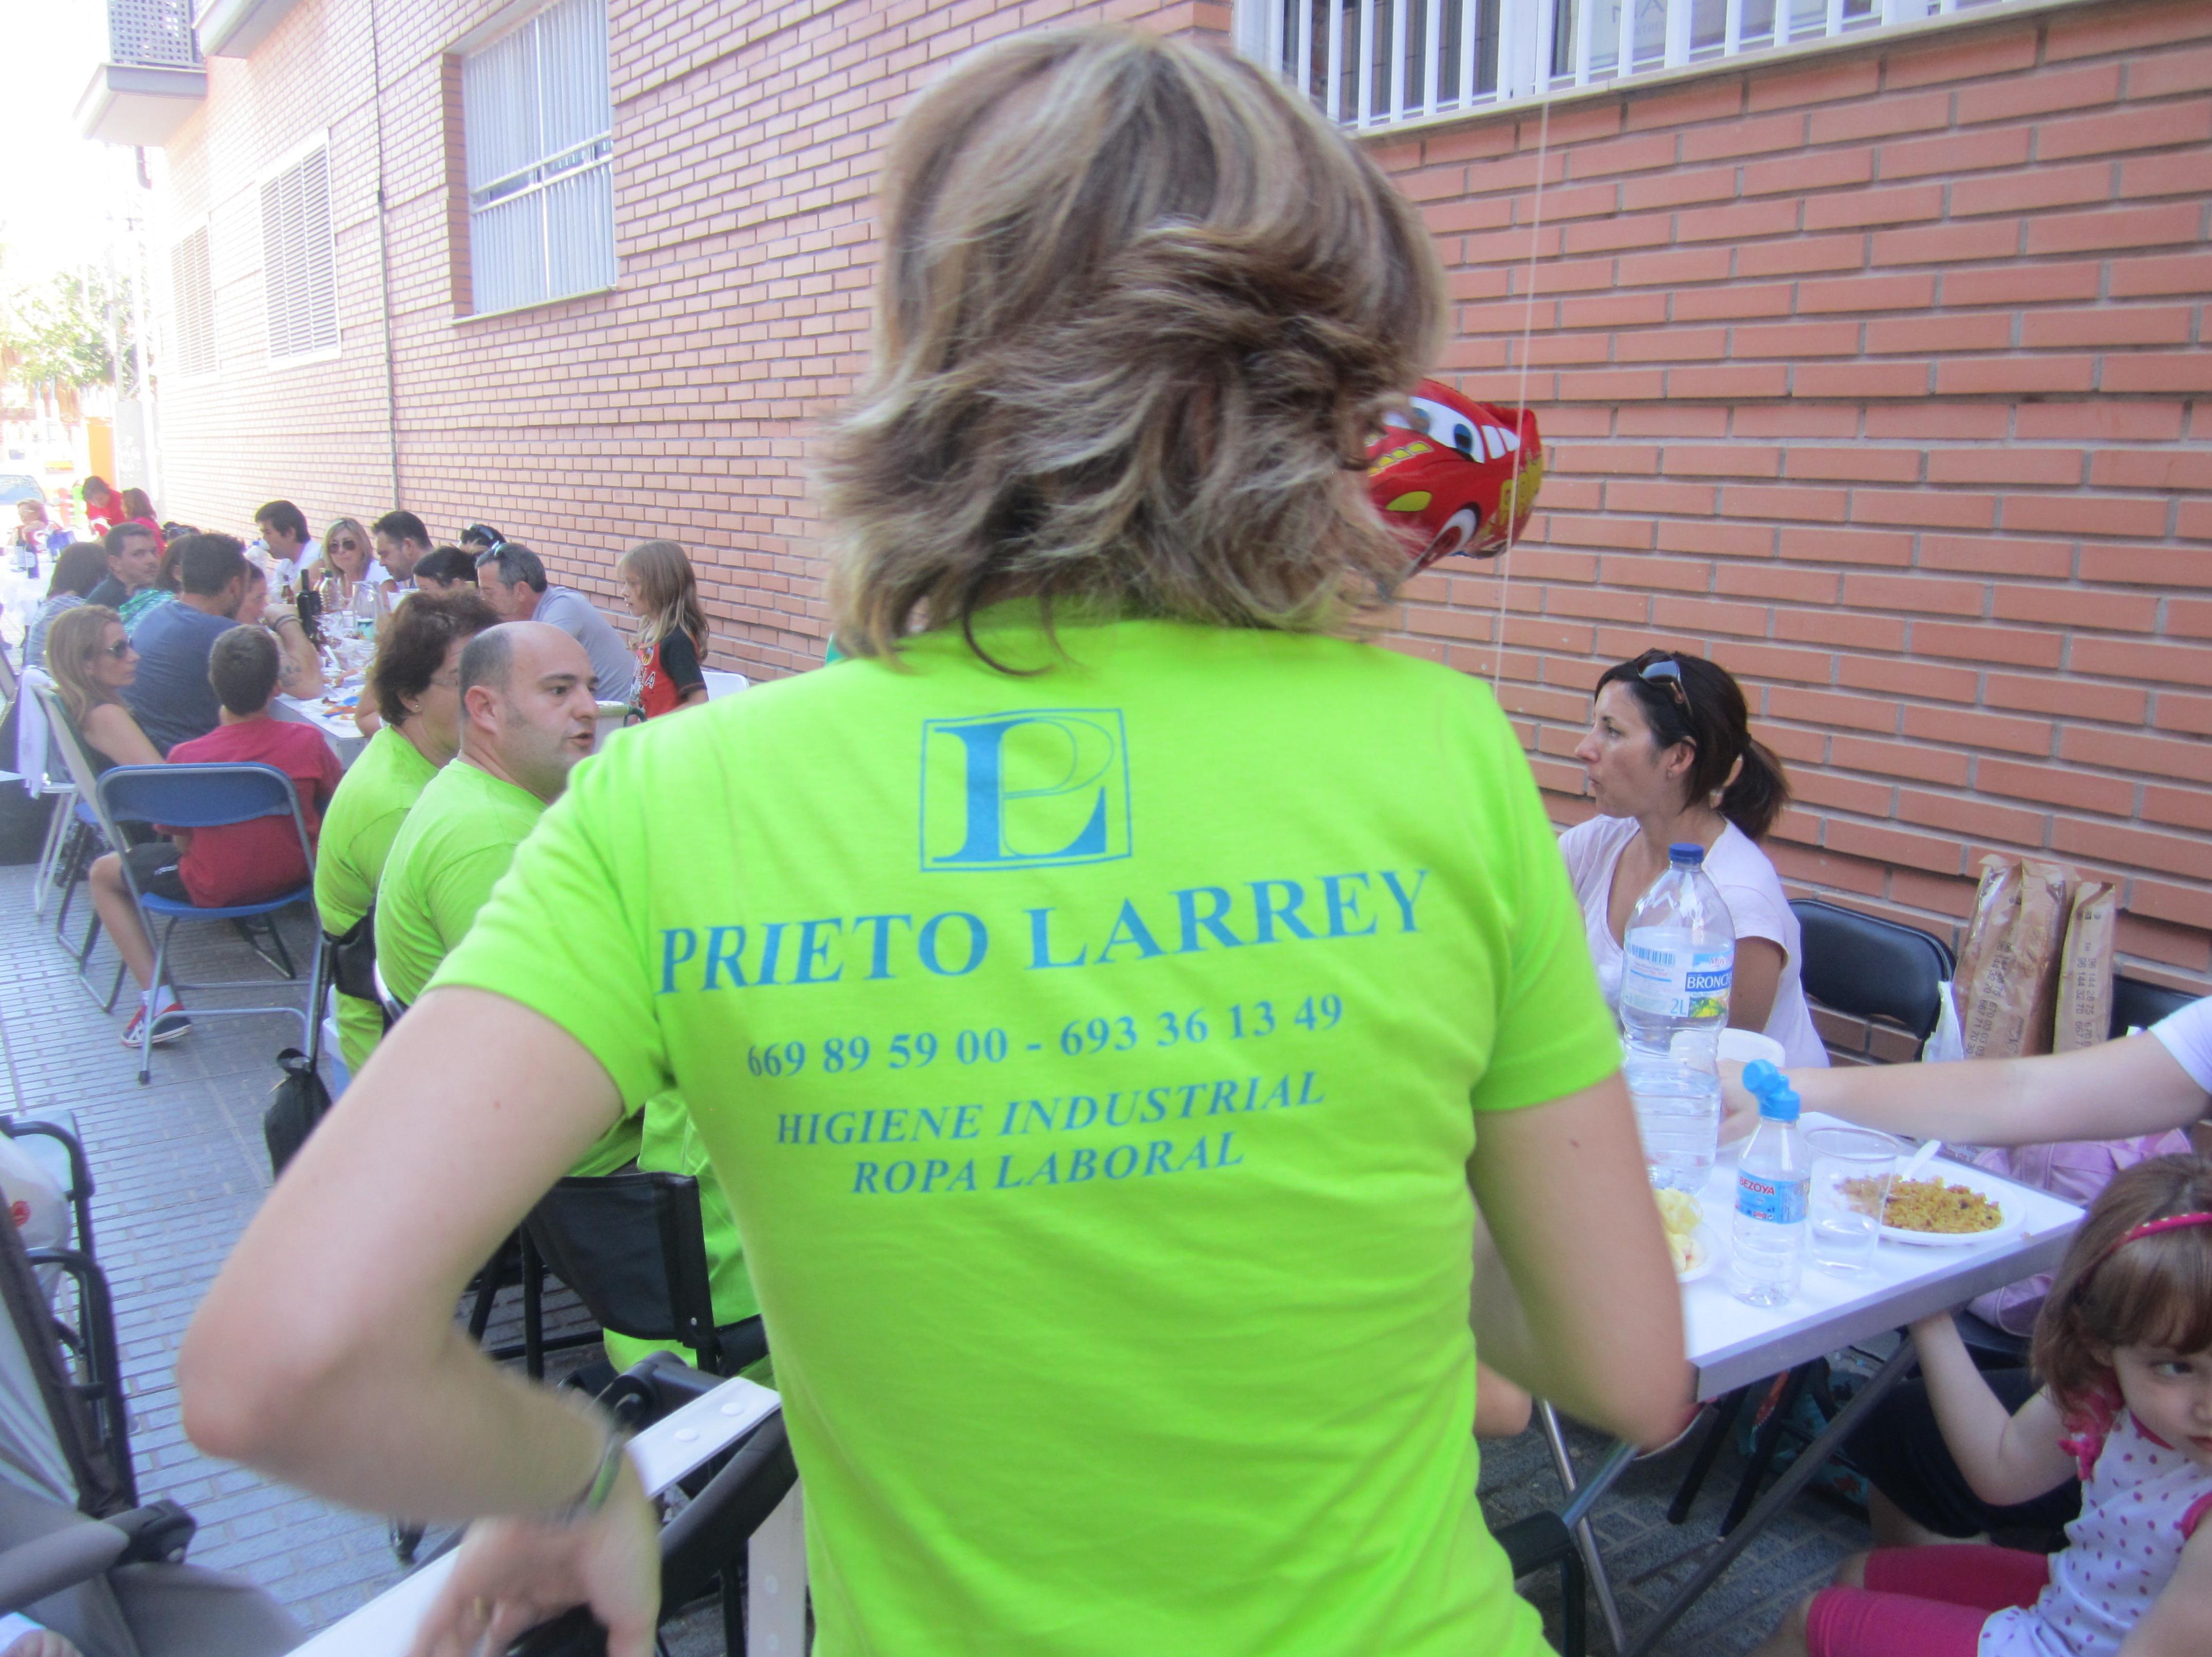 Foto 8 de Fabricación y distribución de artículos de limpieza en  | Prieto Larrey